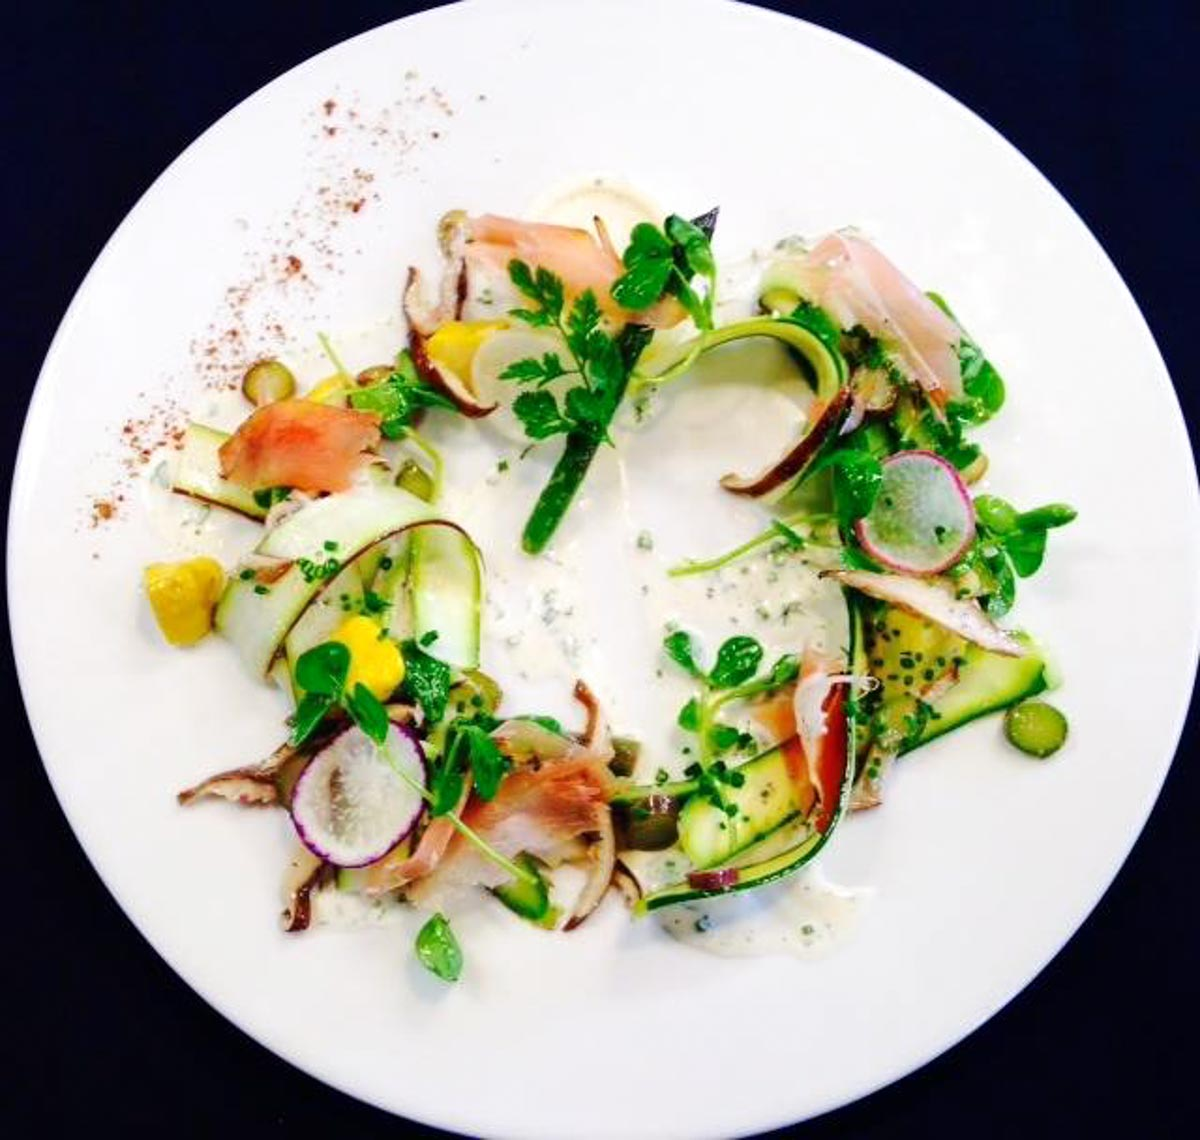 Photograph courtesy of St. John's Restaurant